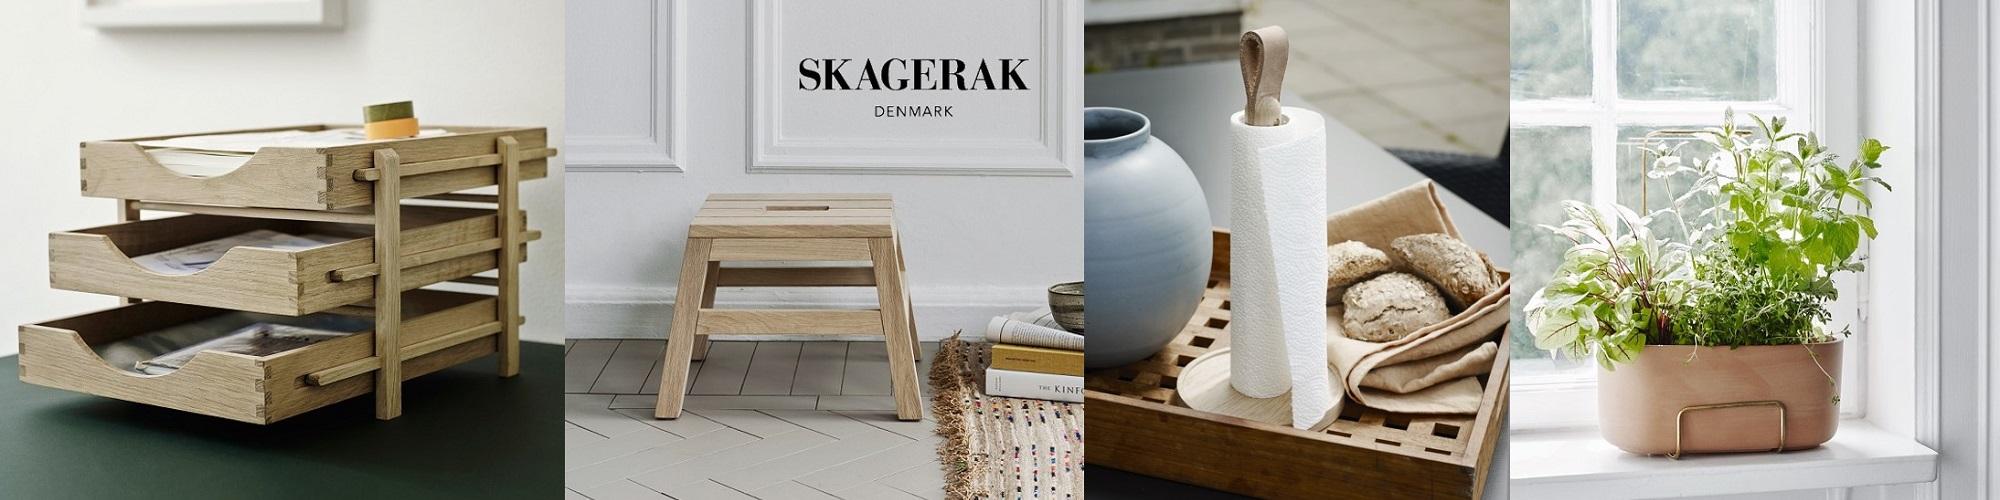 Deense Dingen uniek Scandinavisch design  banner 3